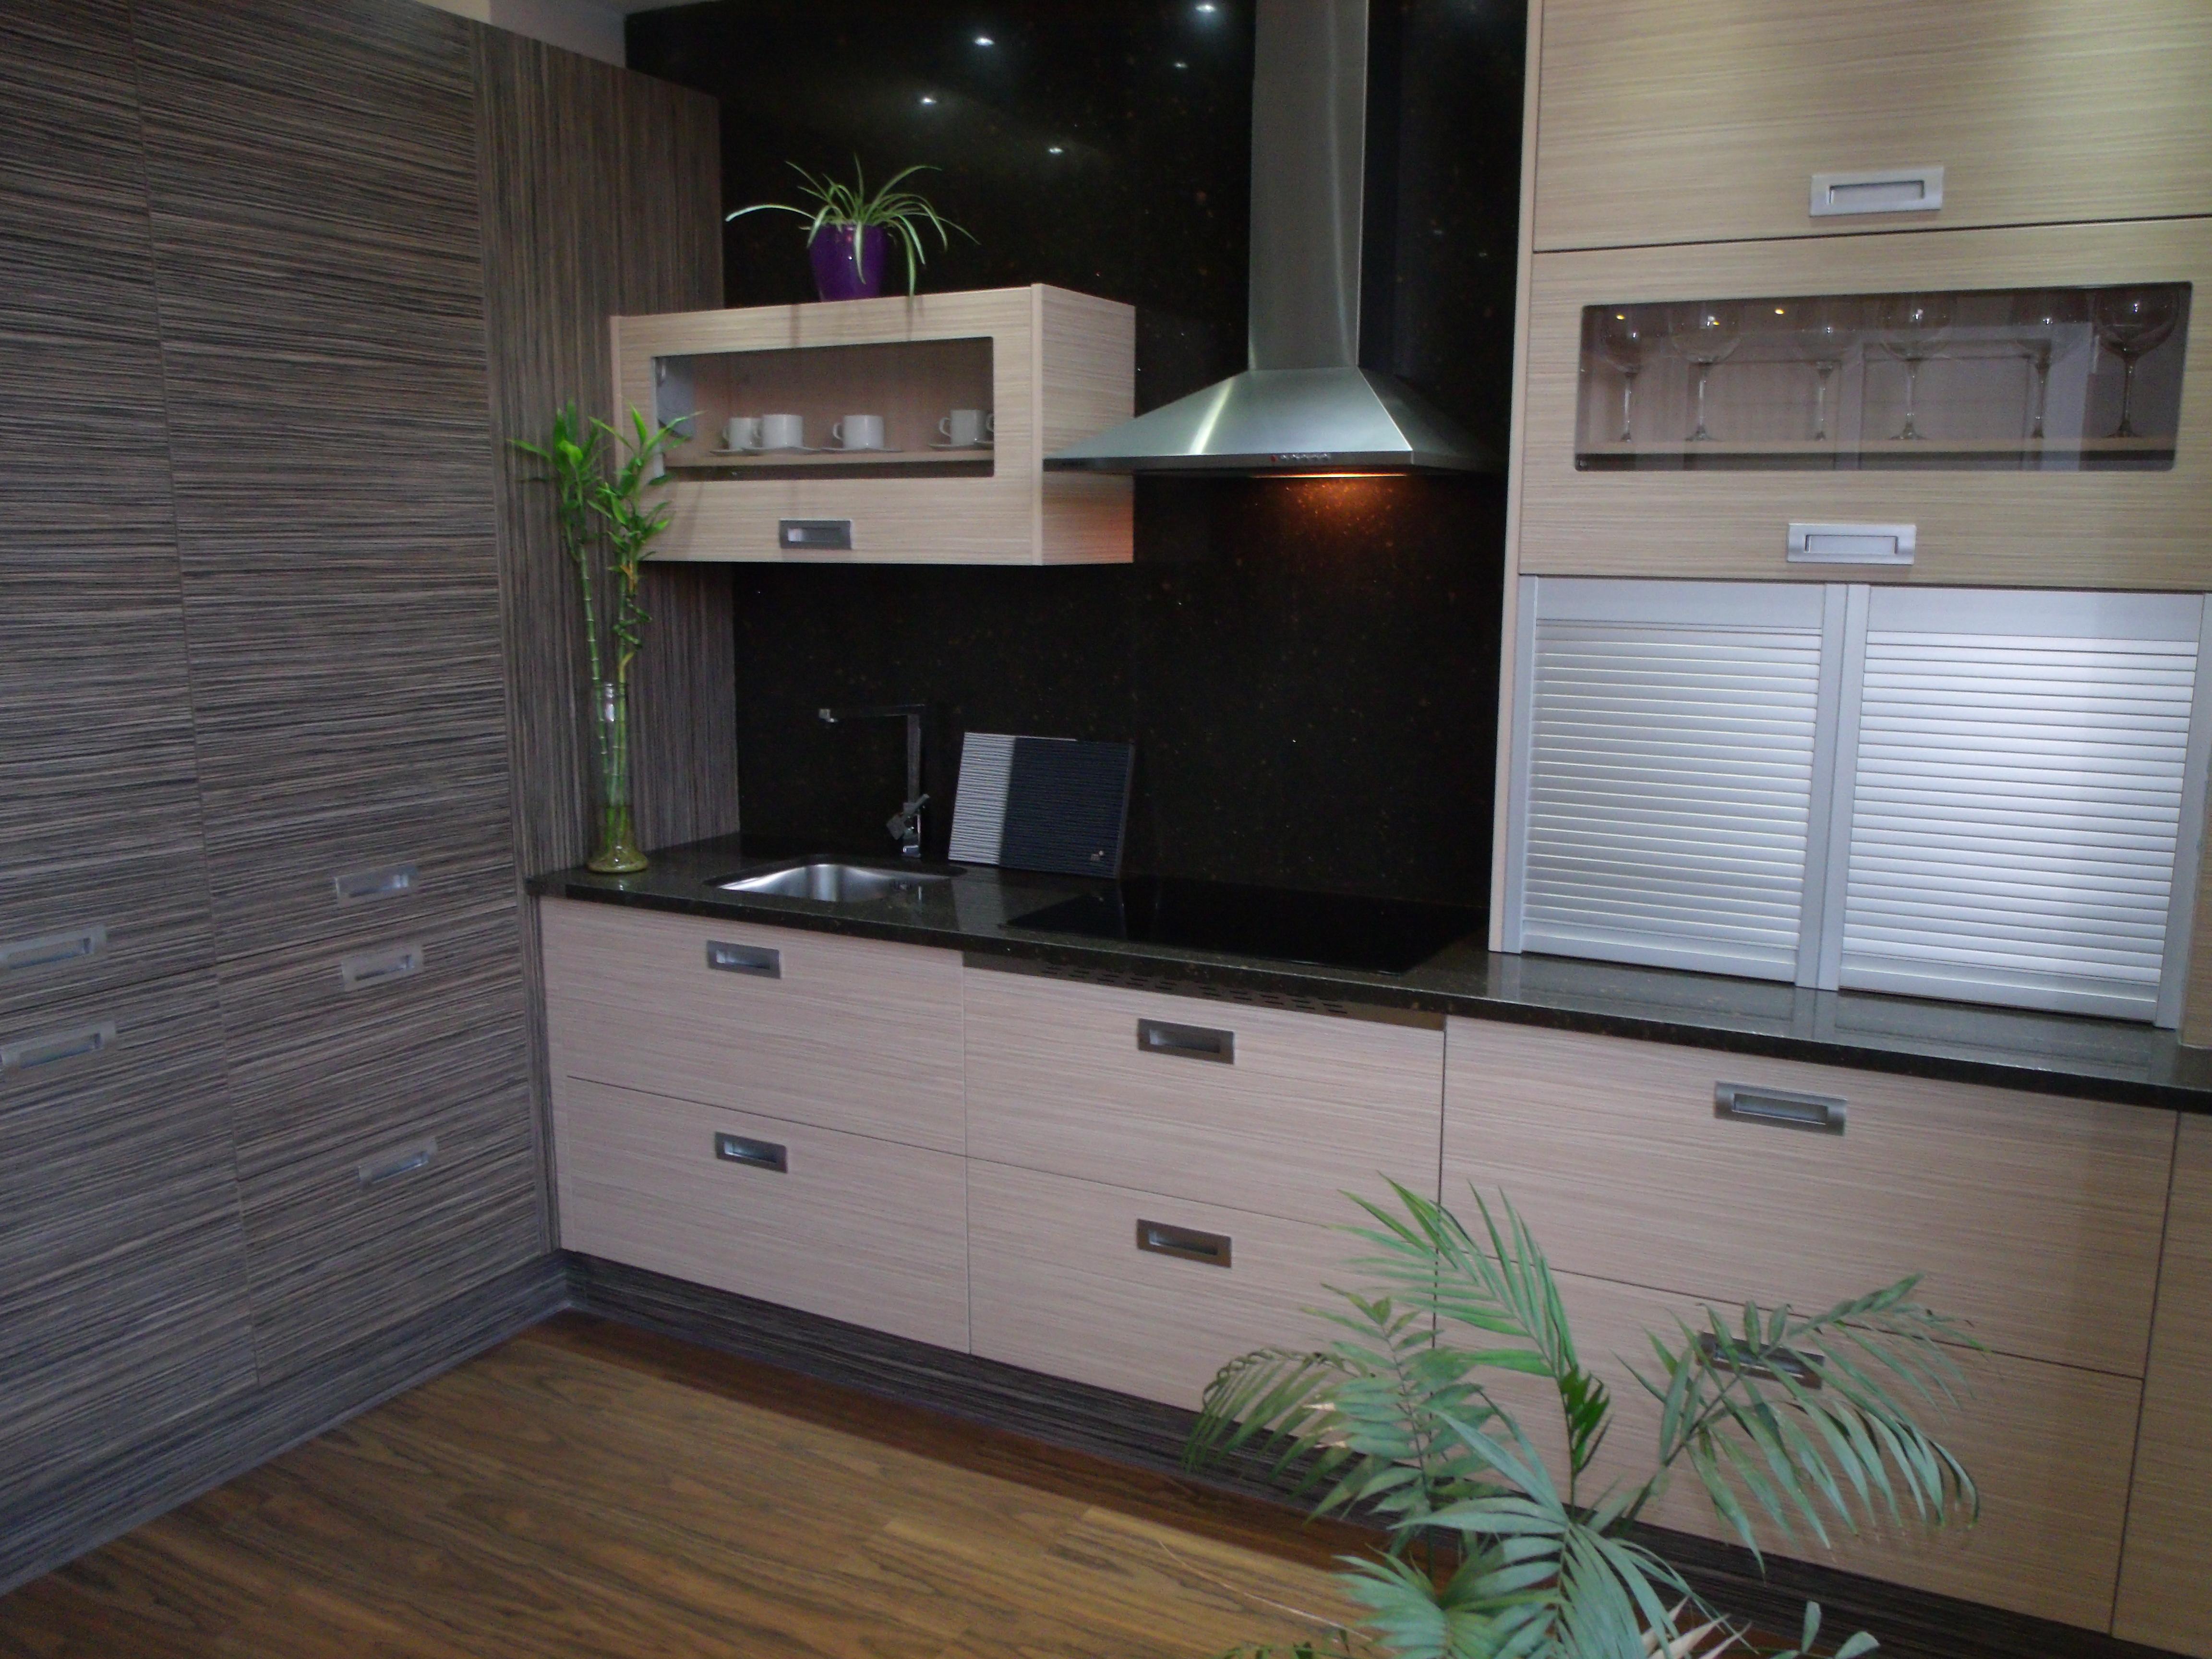 Muebles de cocina en rivas vaciamadrid al mejor precio - Muebles rivas vaciamadrid ...